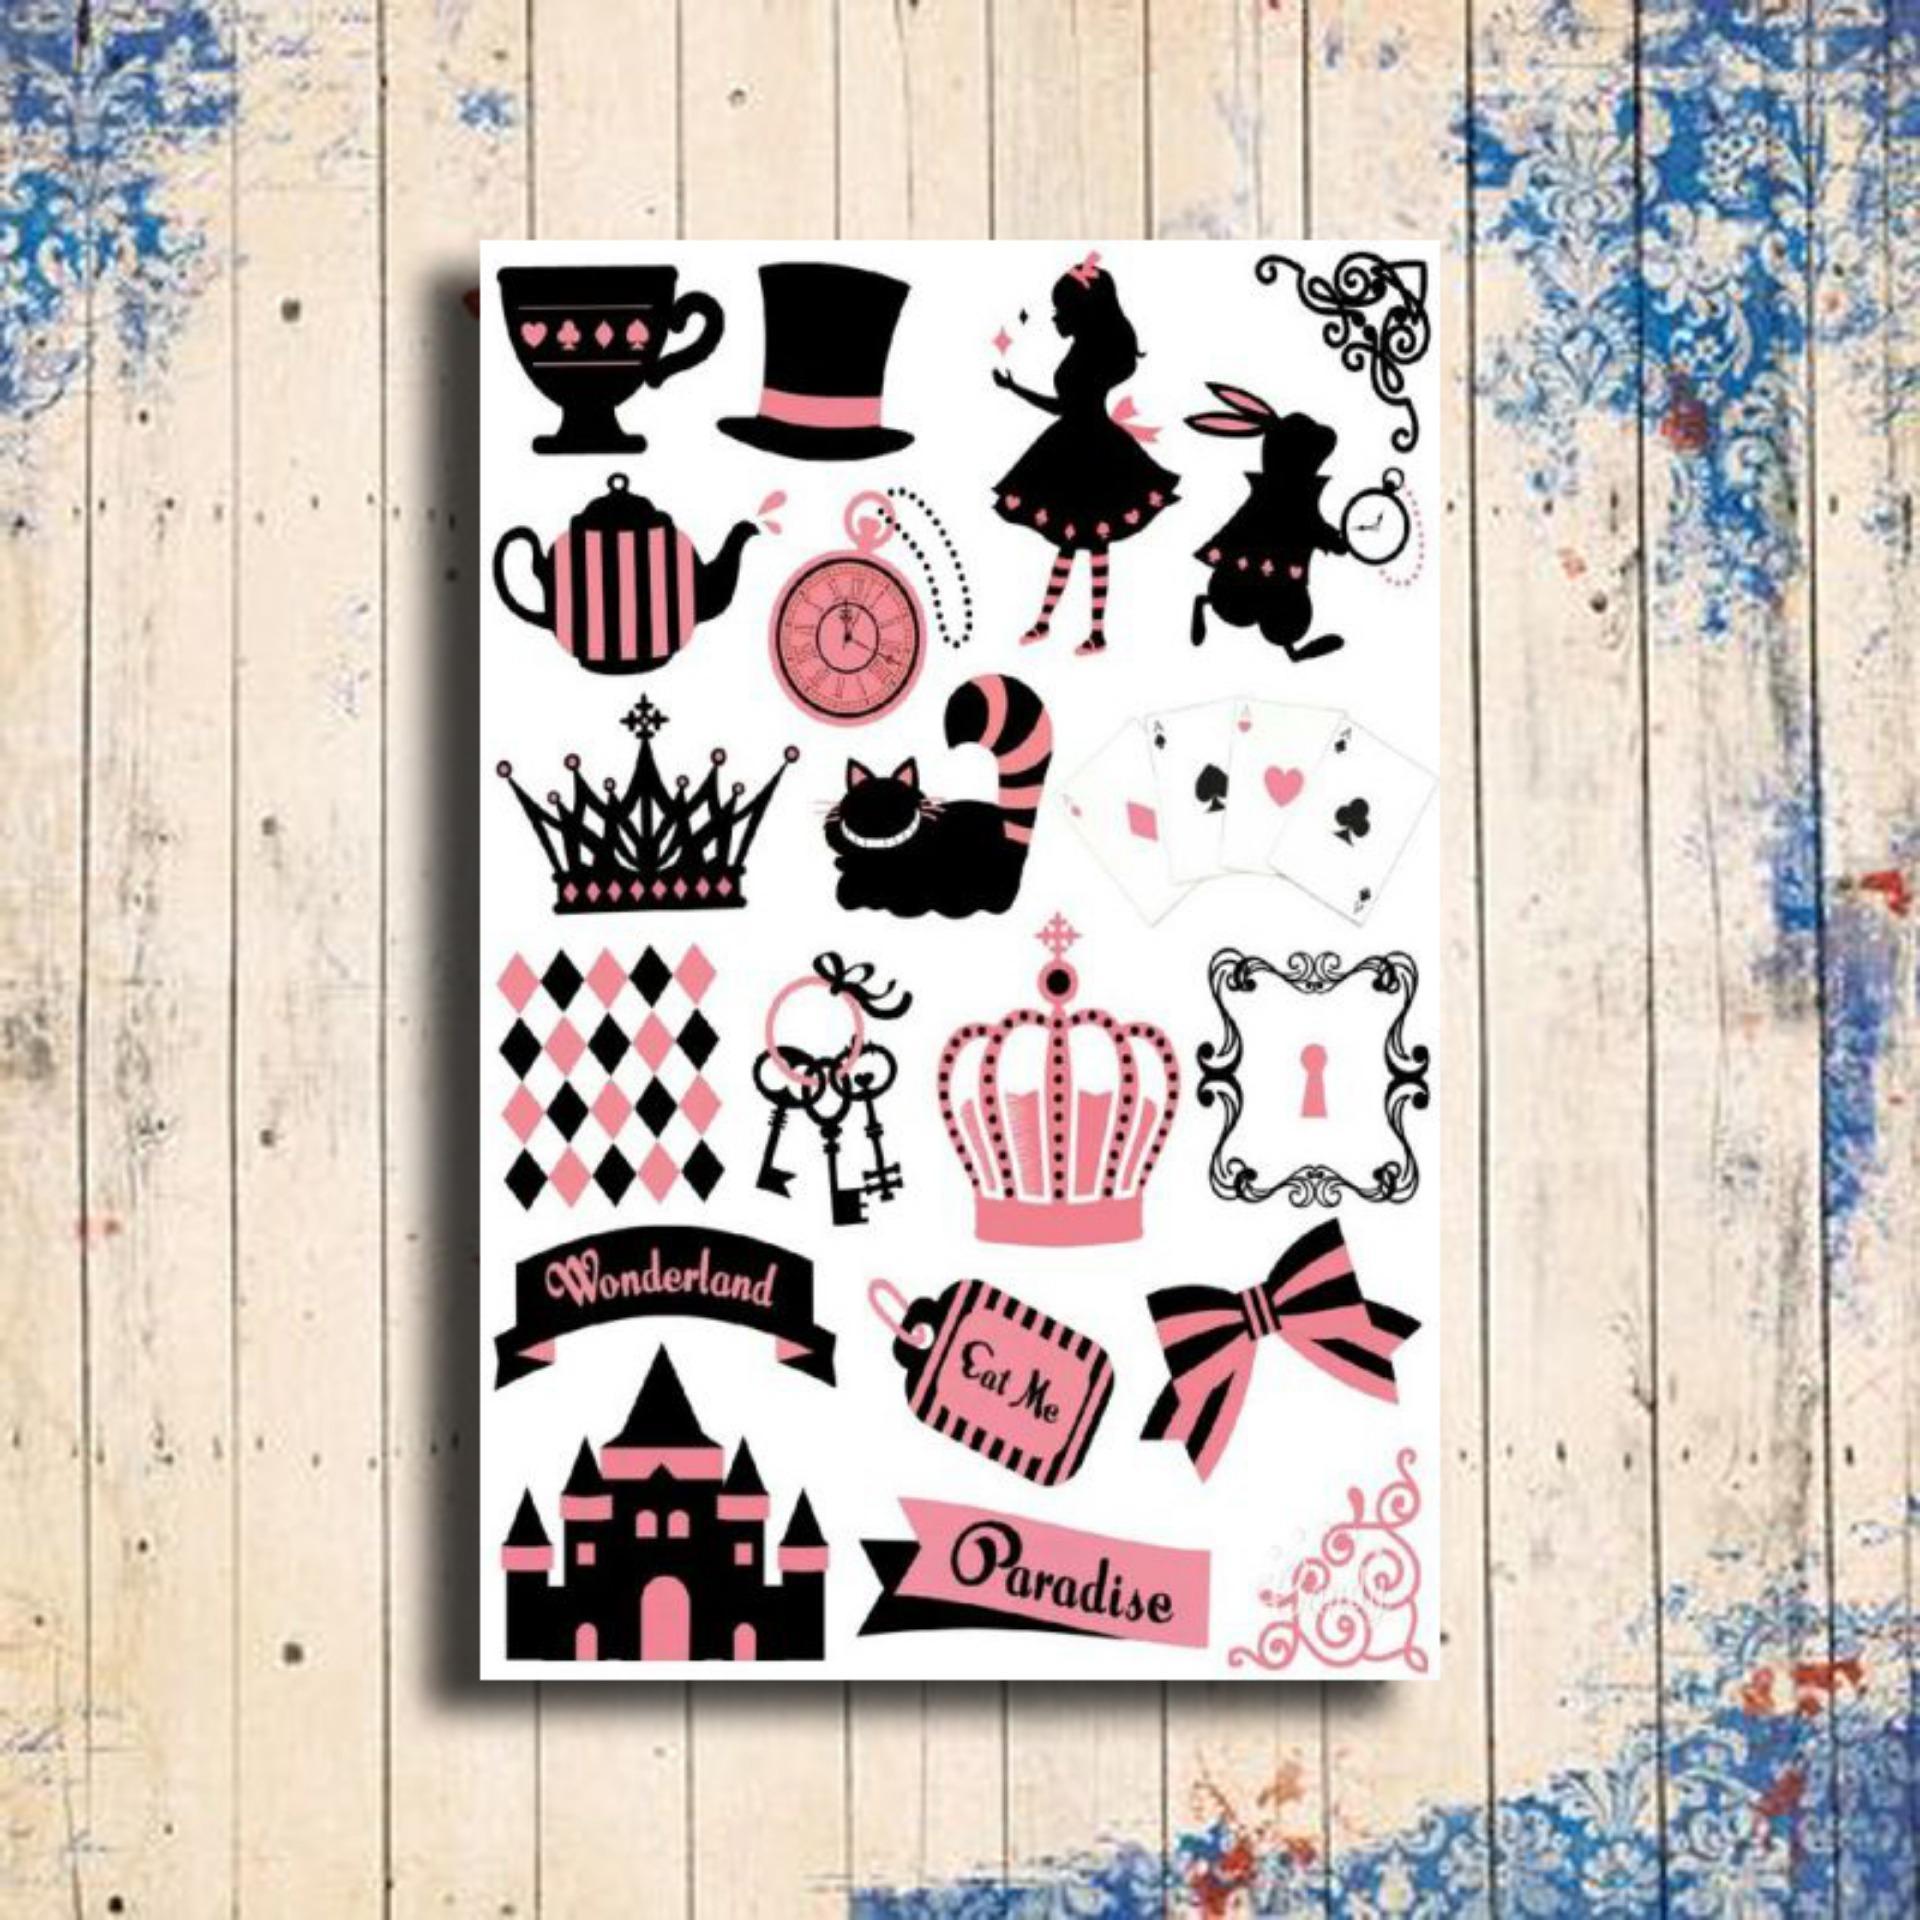 ... Hiasan Dinding Poster Kayu Wall Decor Dekorasi Rumah Hiasan Kamar Hiasan Dapur Hiasan Pintu Hiasan Minimalis